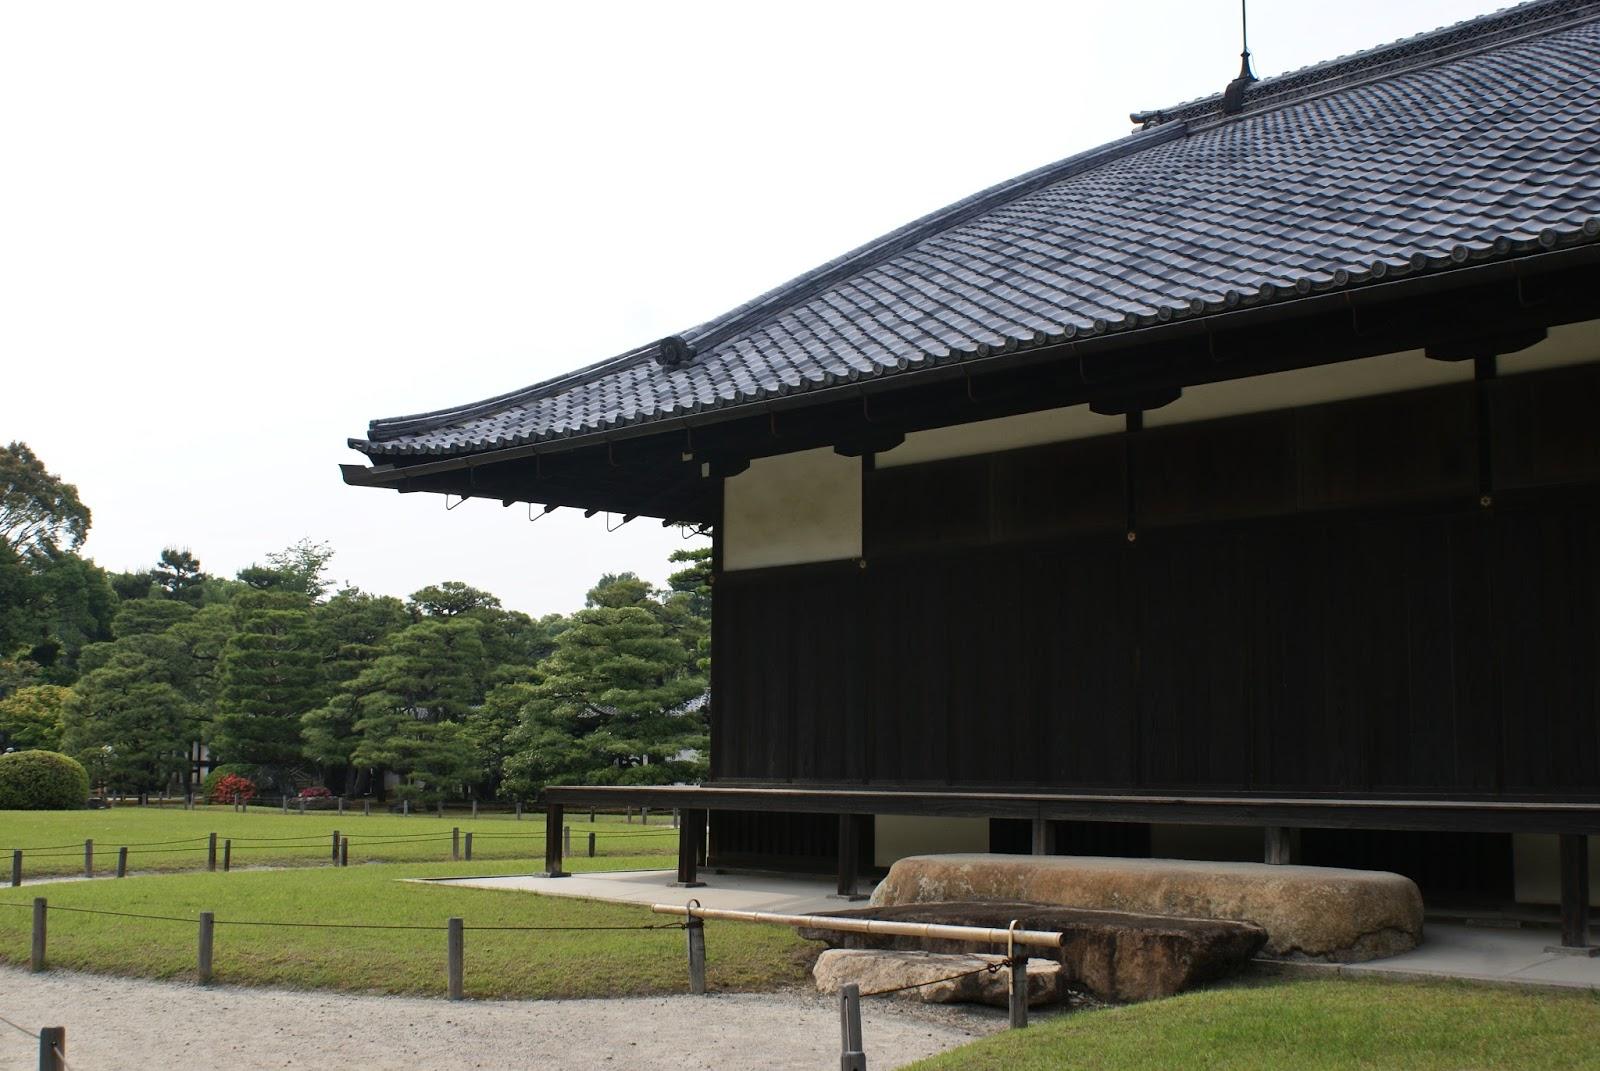 honmaru nijo-jo castle kyoto japan asia